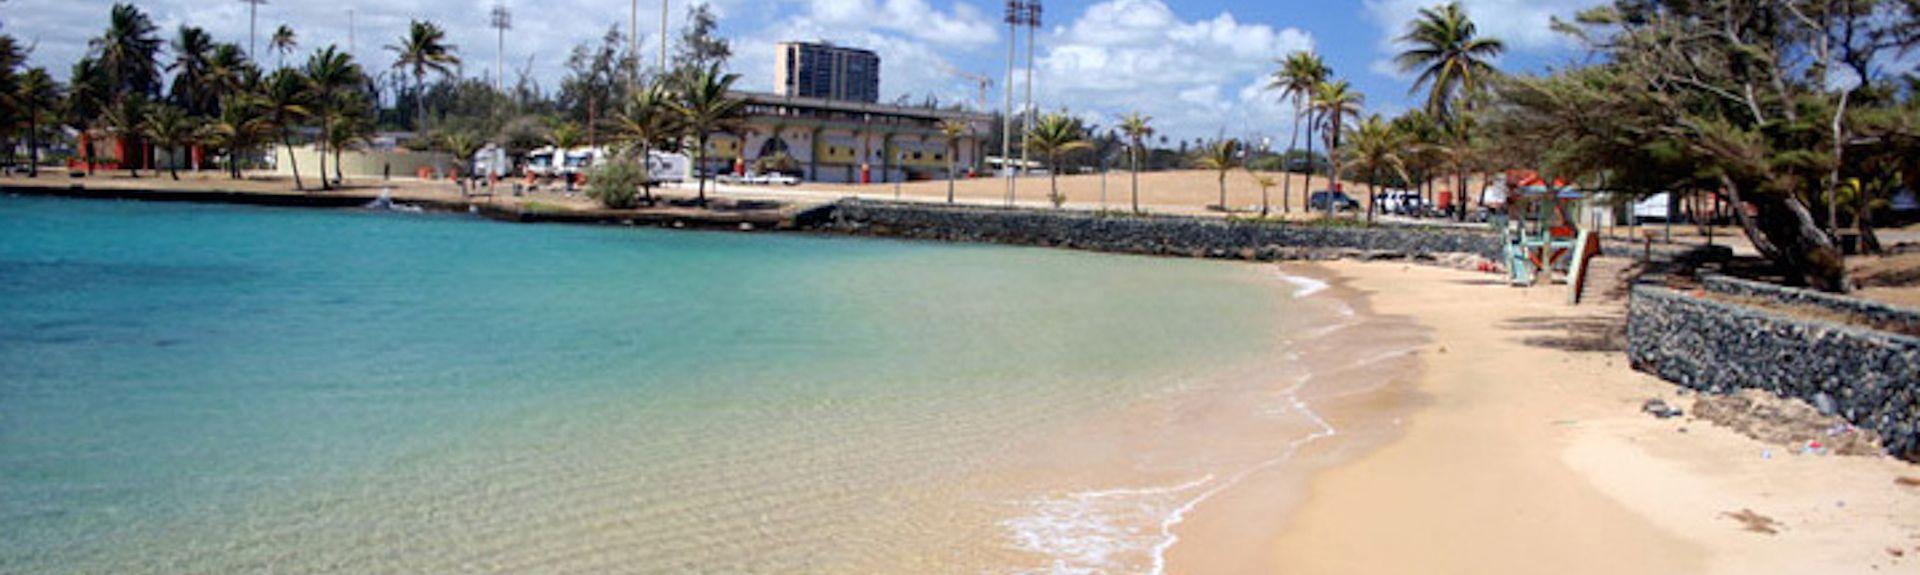 Hato Rey Sur, San Juan, Puerto Rico